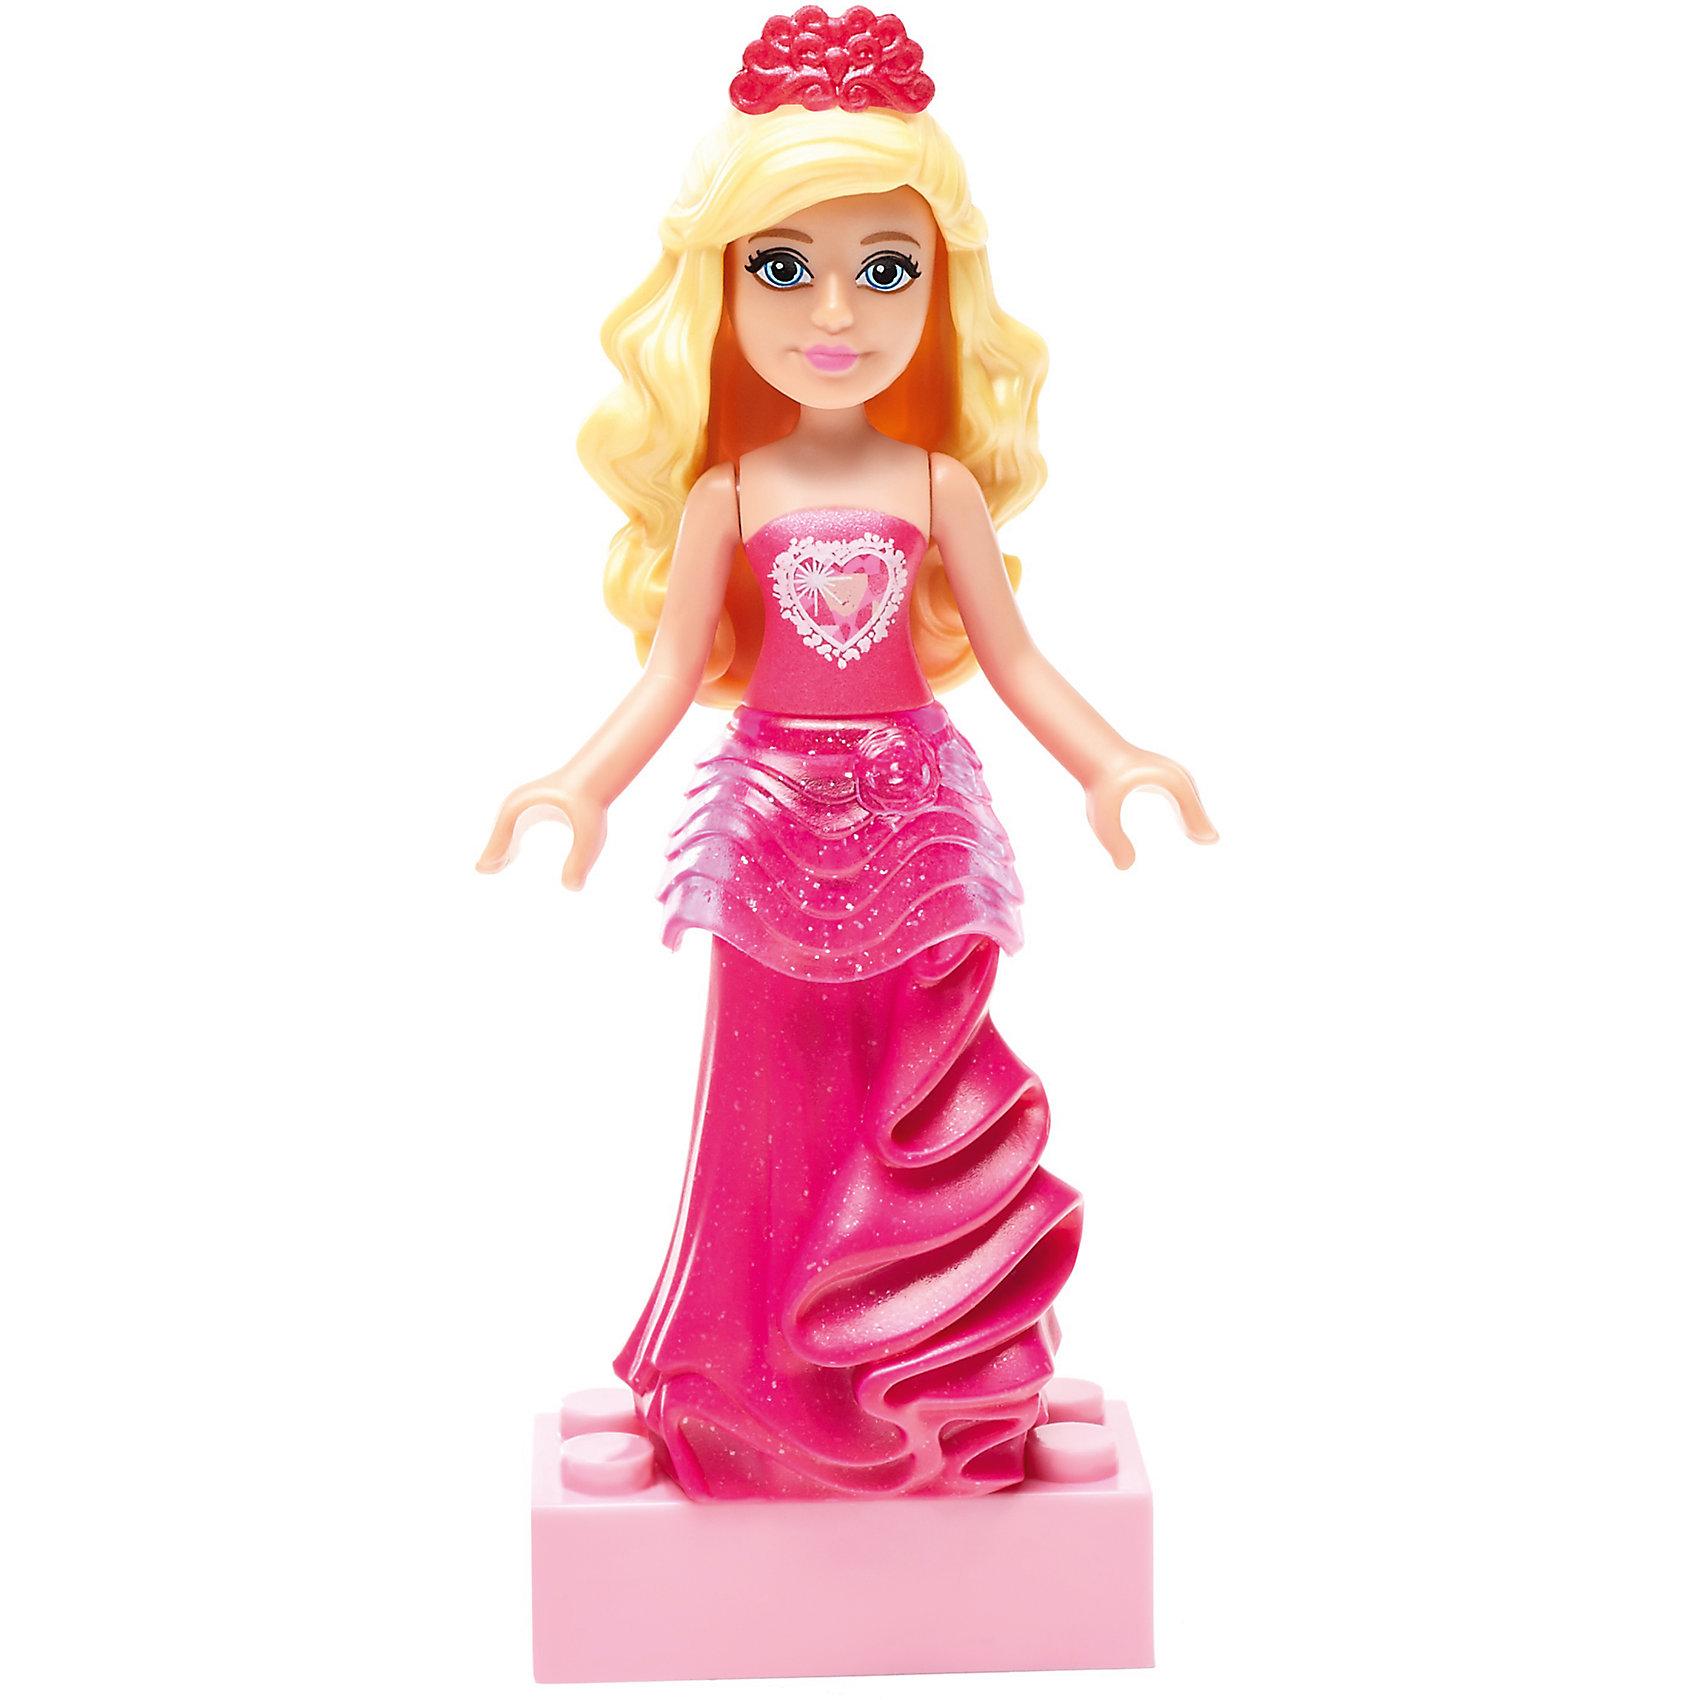 Барби: мини фигурка Gem Princess, MEGA BLOKSПластмассовые конструкторы<br>Барби: мини фигурка Gem Princess, MEGA BLOKS (МЕГА БЛОКС).<br><br>Характеристики:<br><br>• Комплектация: фигурка, подставка<br>• Количество деталей: 6<br>• Высота фигурки: 7 см.<br>• Материал: пластик<br>• Упаковка: блистер<br>• Размер упаковки: 14x9x4 см.<br><br>Вы когда-нибудь мечтали о том, чтобы совместить самую известную в мире куклу – Барби с конструктором? Mega Bloks представляет очаровательную мини фигурку Gem Princess Barbie, которую можно собрать из 6 деталей. У куклы - симпатичный наряд, красивая прическа, милое личико и специальные ручки, позволяющие удерживать аксессуары. <br><br>Маленькая принцесса может не только стоять, но и сидеть. Ручки подвижны. В комплект с мини-фигуркой входит подставка. Соединяйте набор с другими конструкторами Barbie Mega Bloks, меняйте прически и наряды и создавайте свой волшебный и красочный мир Барби!<br><br>Барби: мини фигурку Gem Princess, MEGA BLOKS (МЕГА БЛОКС) можно купить в нашем интернет-магазине.<br><br>Ширина мм: 90<br>Глубина мм: 25<br>Высота мм: 125<br>Вес г: 14<br>Возраст от месяцев: 48<br>Возраст до месяцев: 120<br>Пол: Женский<br>Возраст: Детский<br>SKU: 5440288